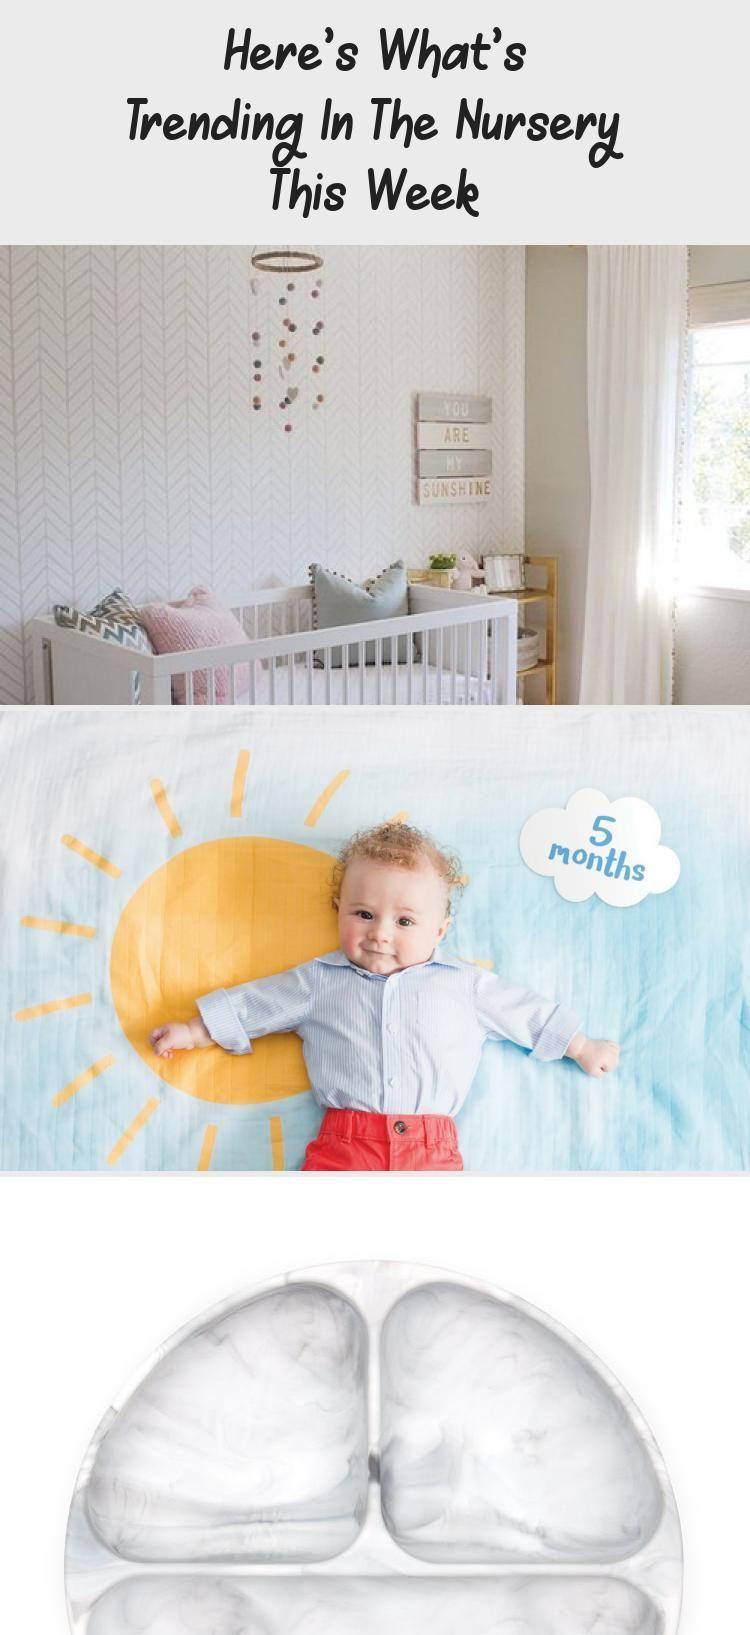 Hier ist was diese Woche im Kinderzimmer angesagt ist  Baby Hier ist was diese Woche im Kinderzimmer angesagt ist  Baby